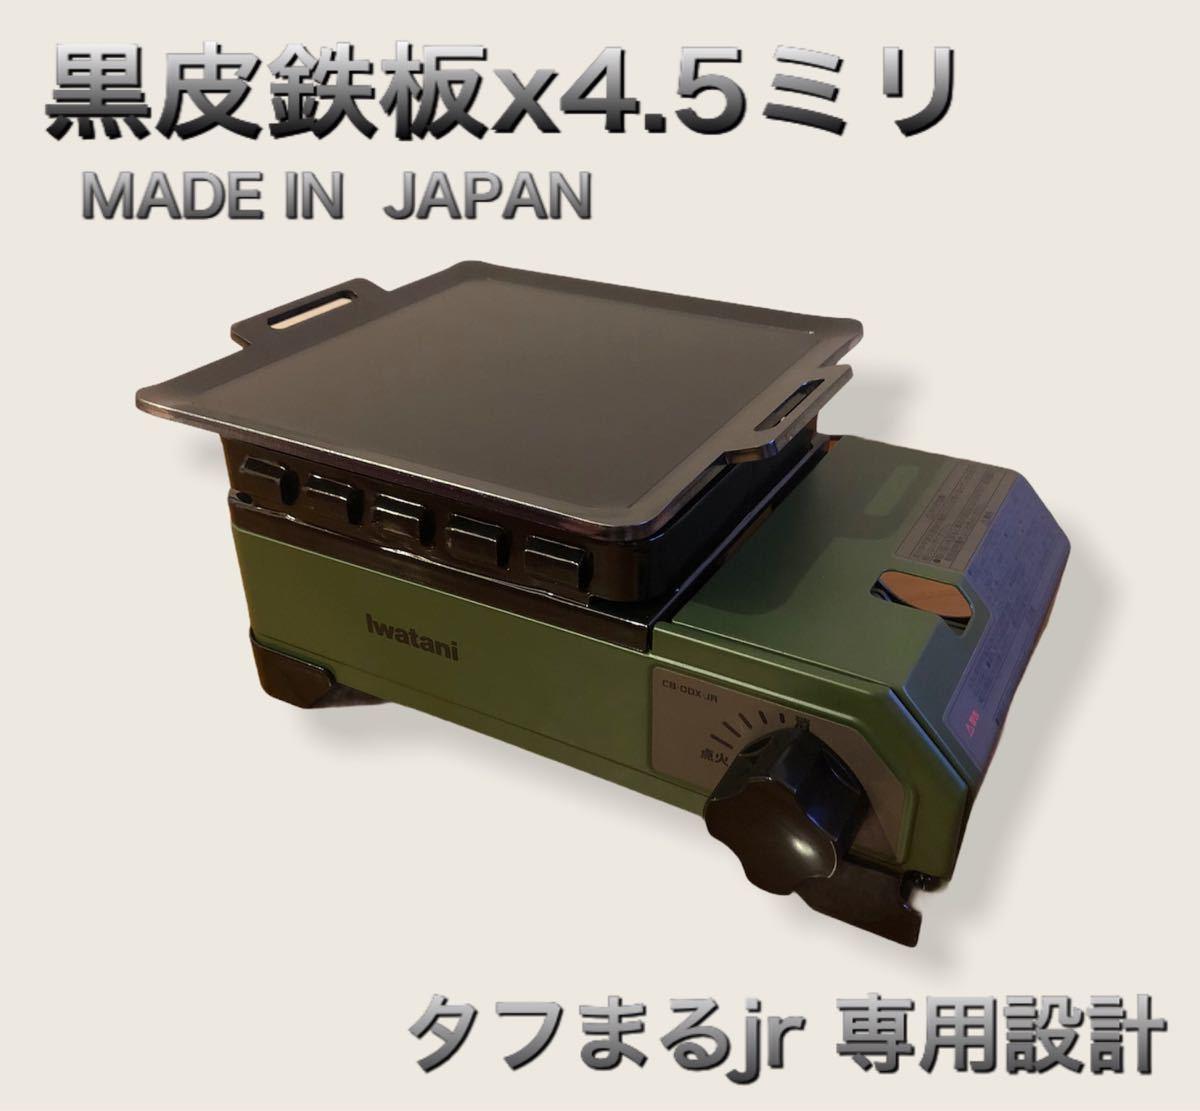 黒皮鉄板 4.5 イワタニ ミニ カセットコンロ タフまるjr タフまるジュニア